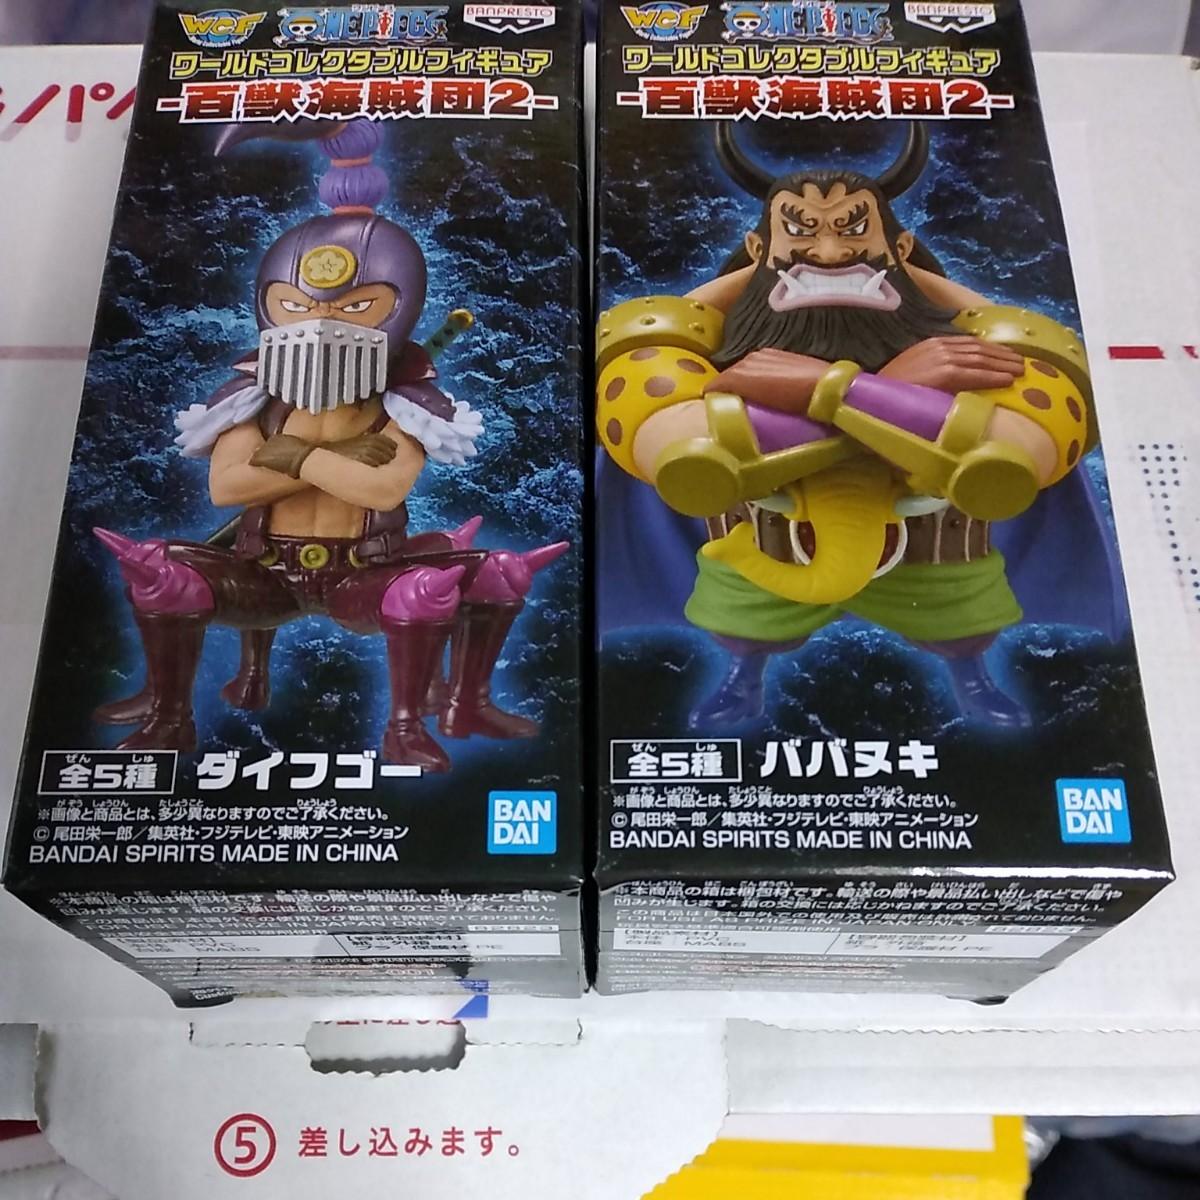 ワンピース 百獣海賊団 ワールドコレクタブルフィギュア ババヌキ・ダイフゴー